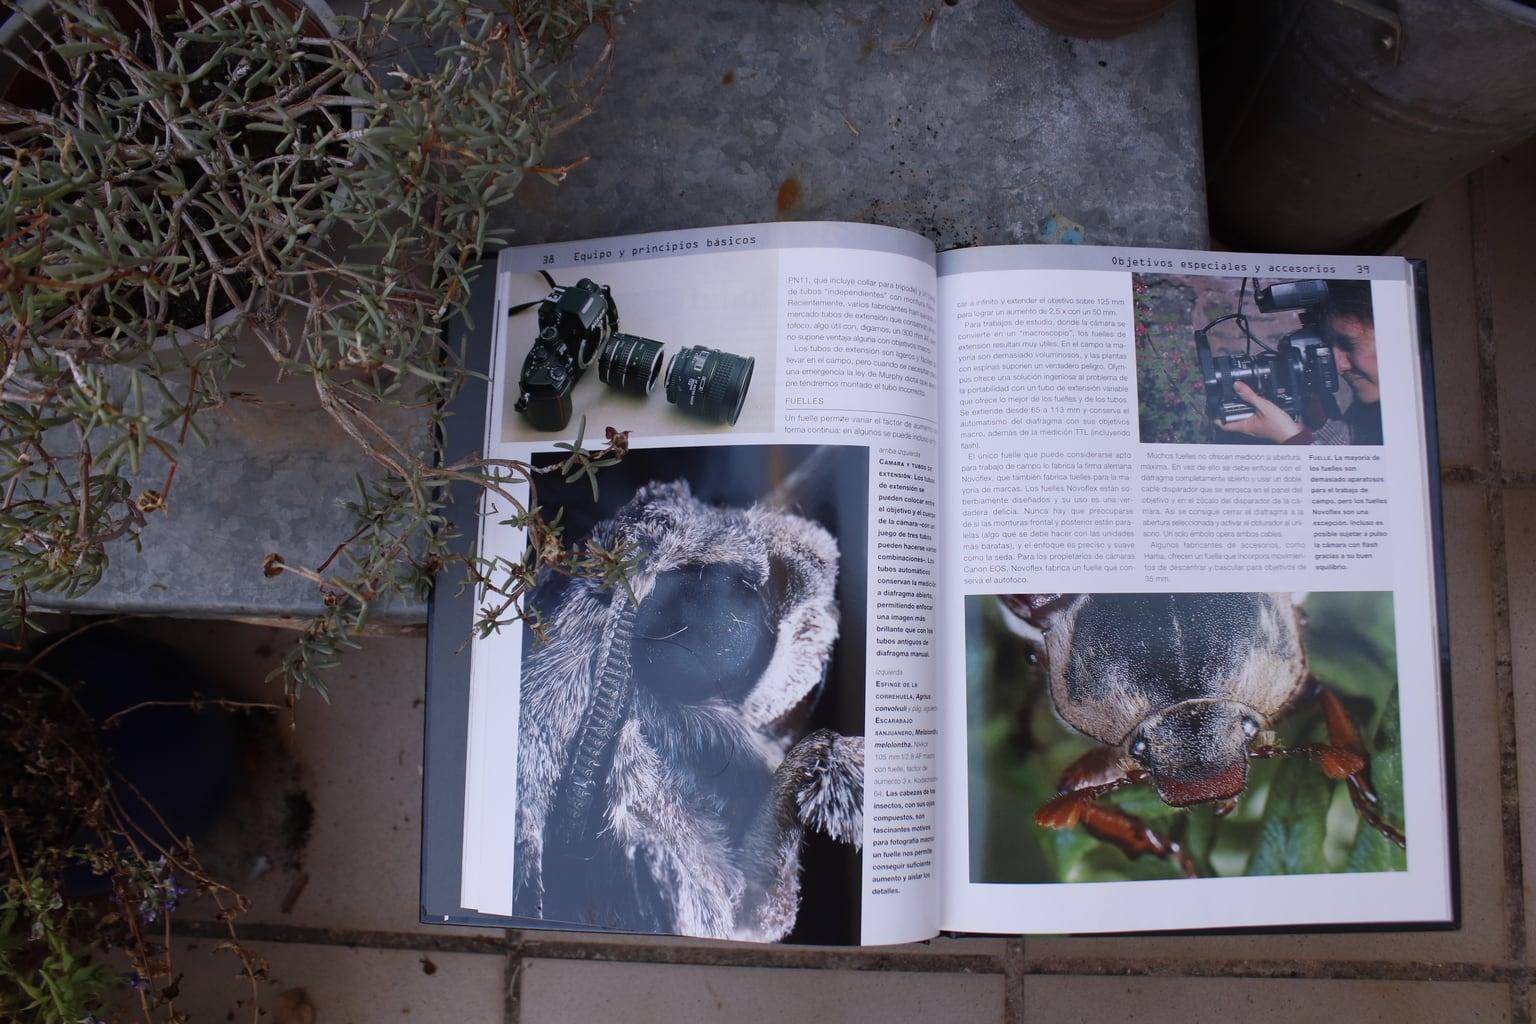 Equipo y accesorios libro Macrofotografía